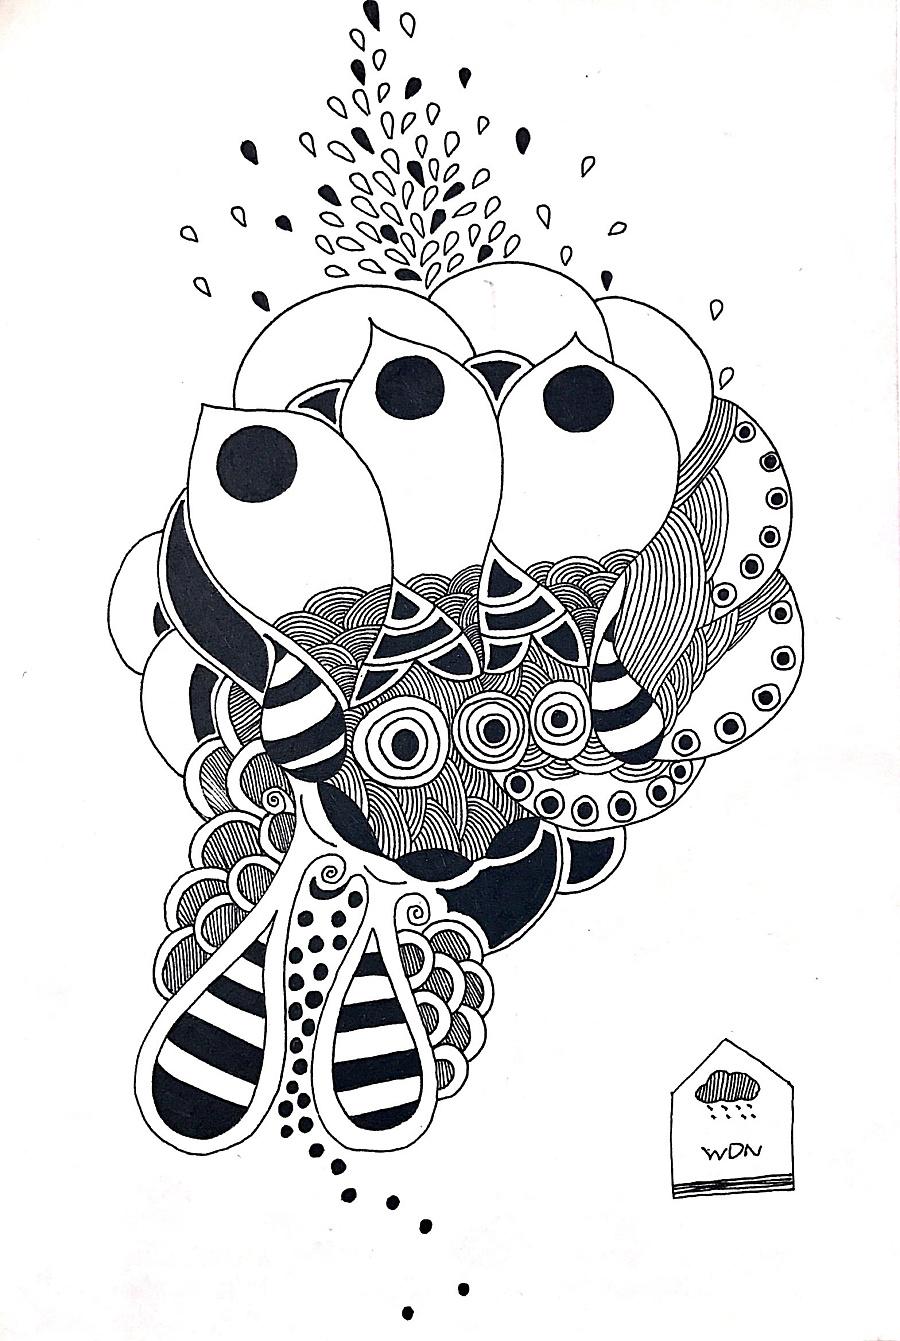 禅绕画·线描装饰画·手绘·插画